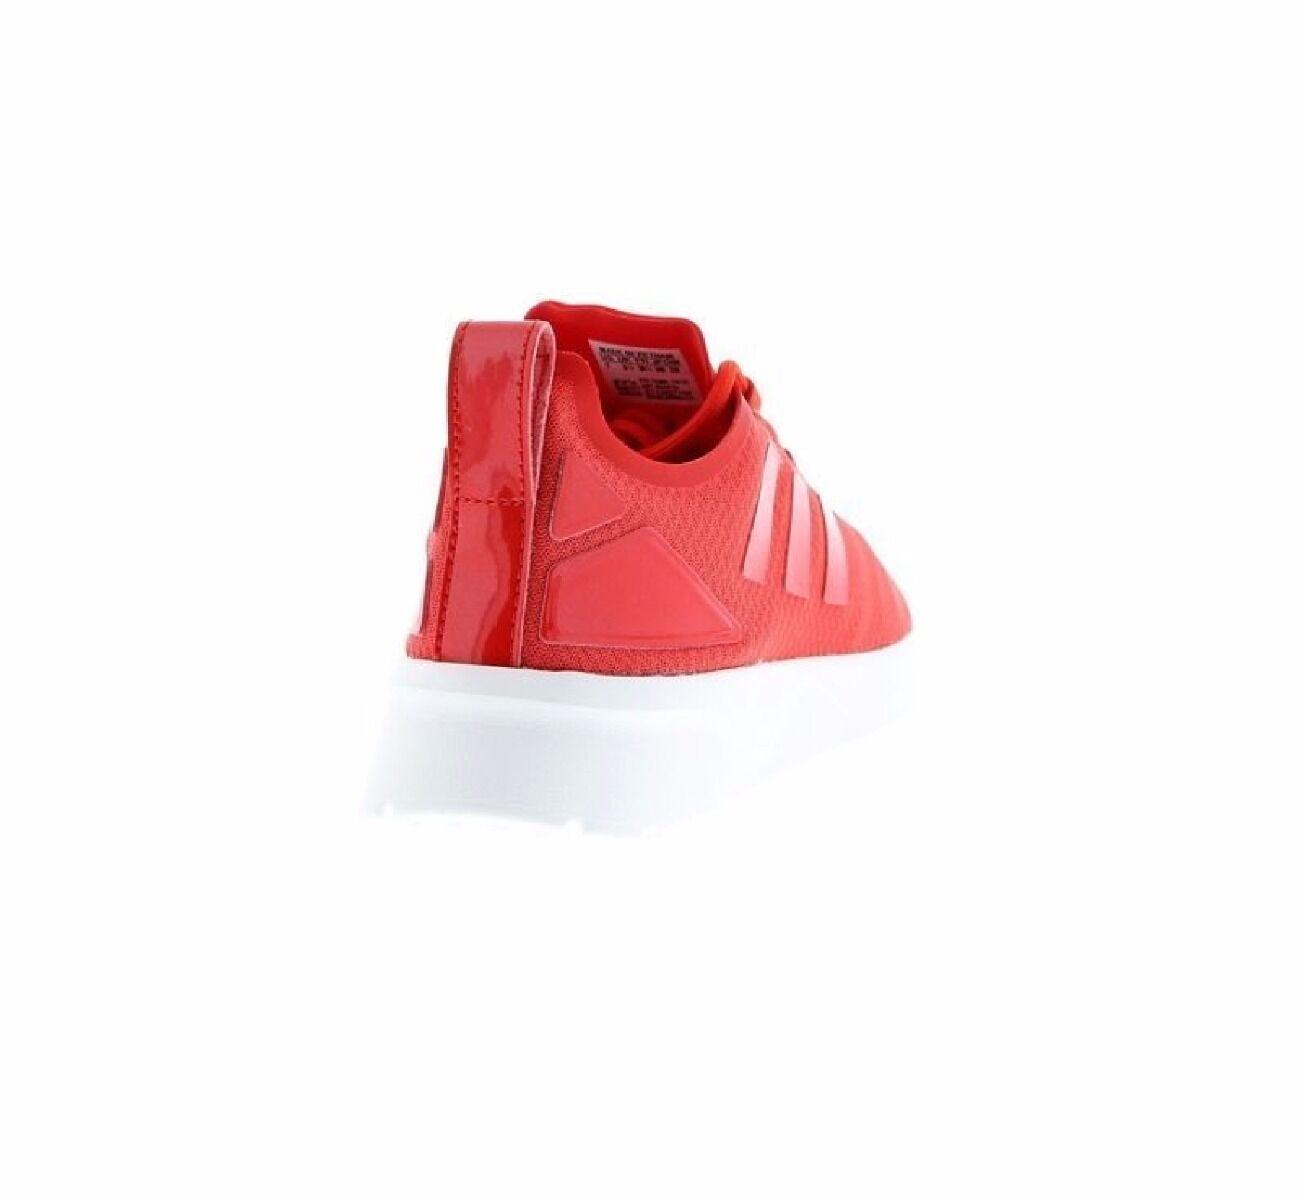 Adidas Zx Flux Adv Verve Verve Verve Mujer Zapatillas Running Talla 5 6.5 NUEVA Run 6643b3